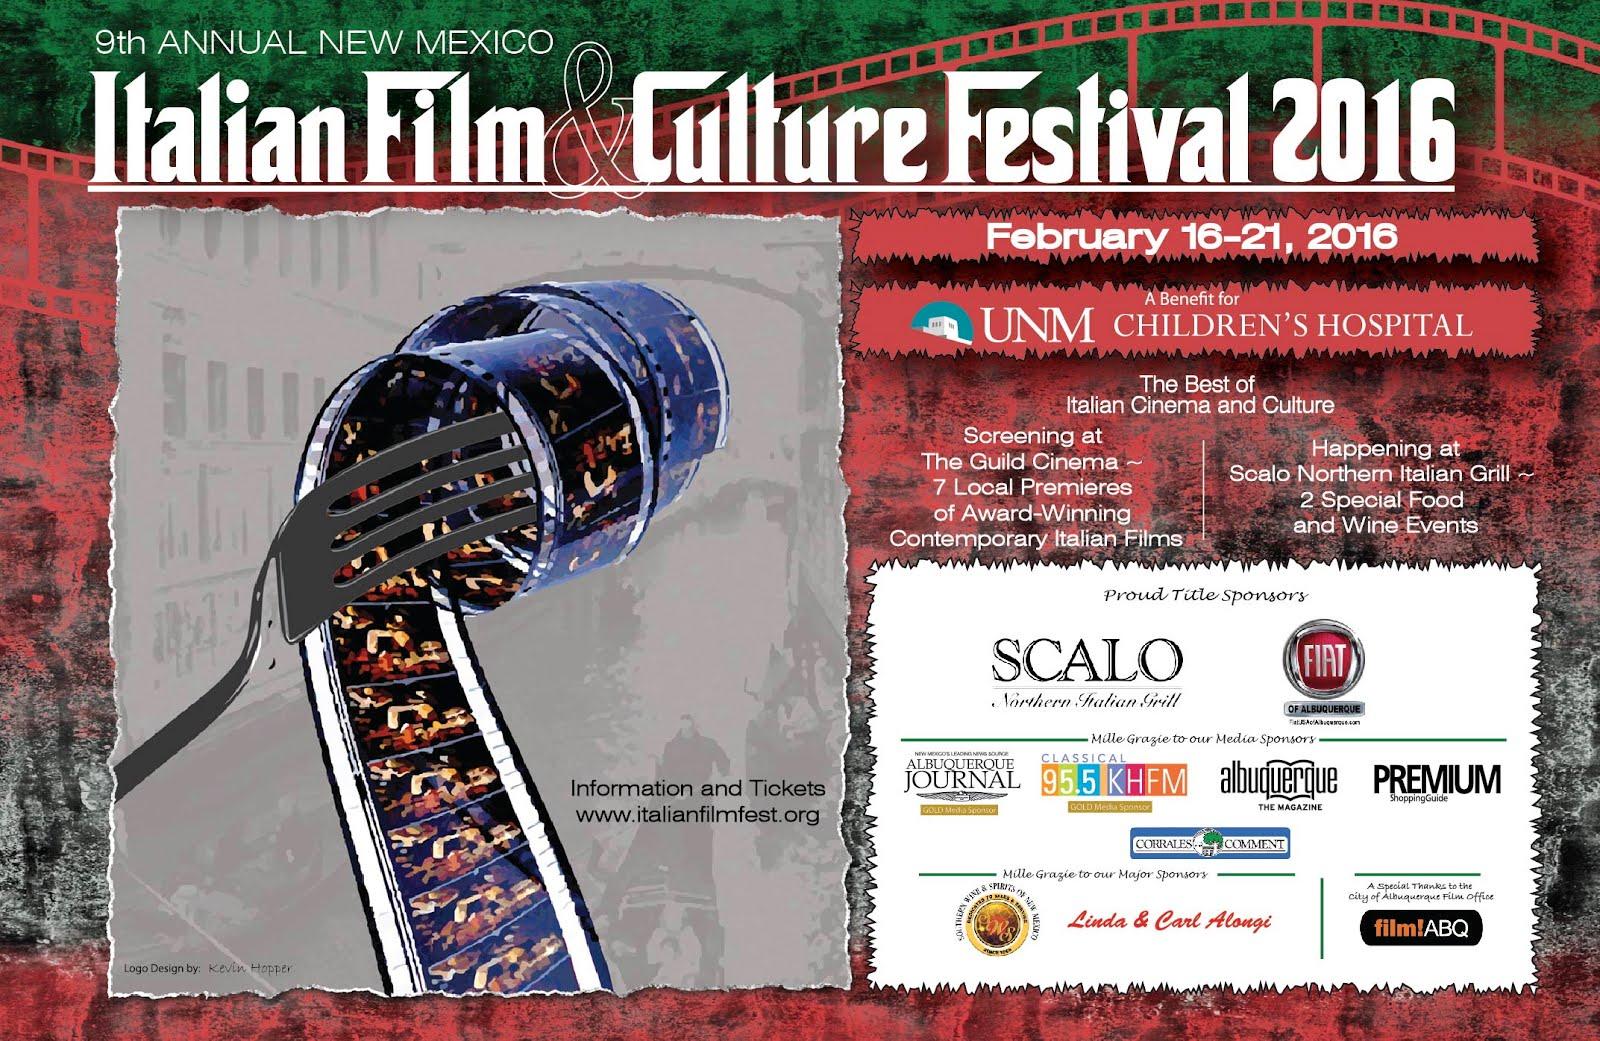 NEW MEXICO'S  Annual ITALIAN FILM + CULTURAL FESTIVAL